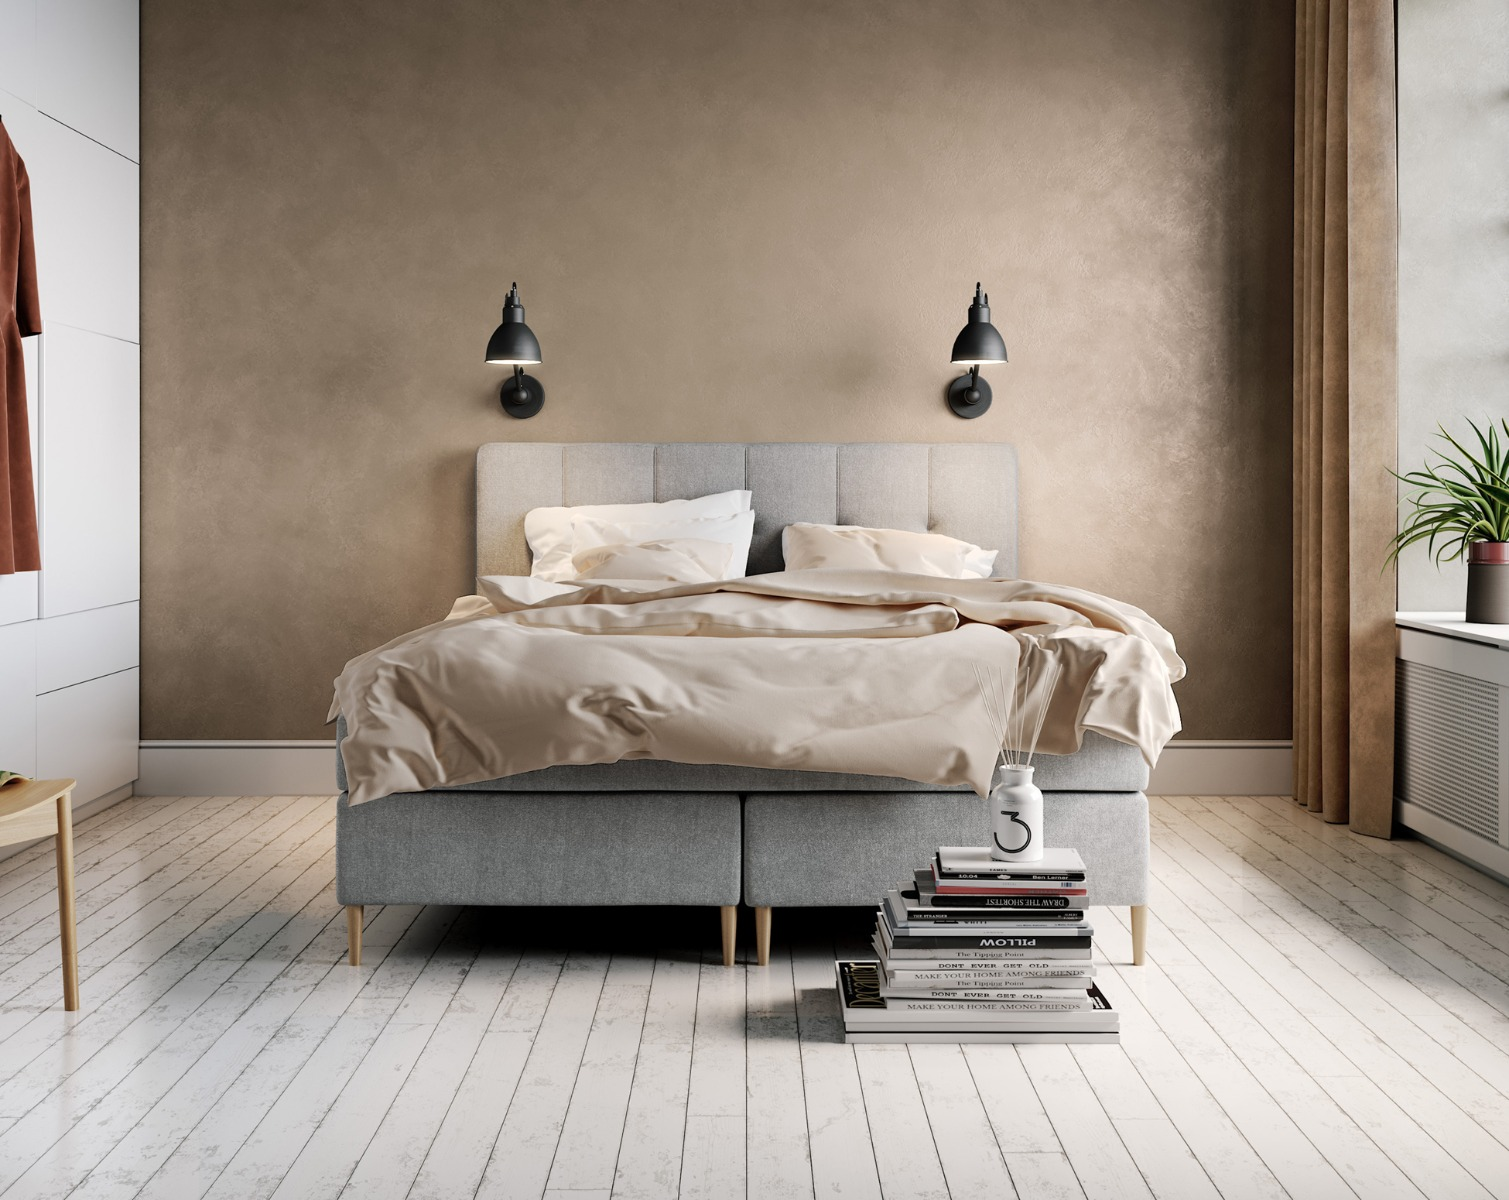 Senses Motion: Oppgrader søvnen din